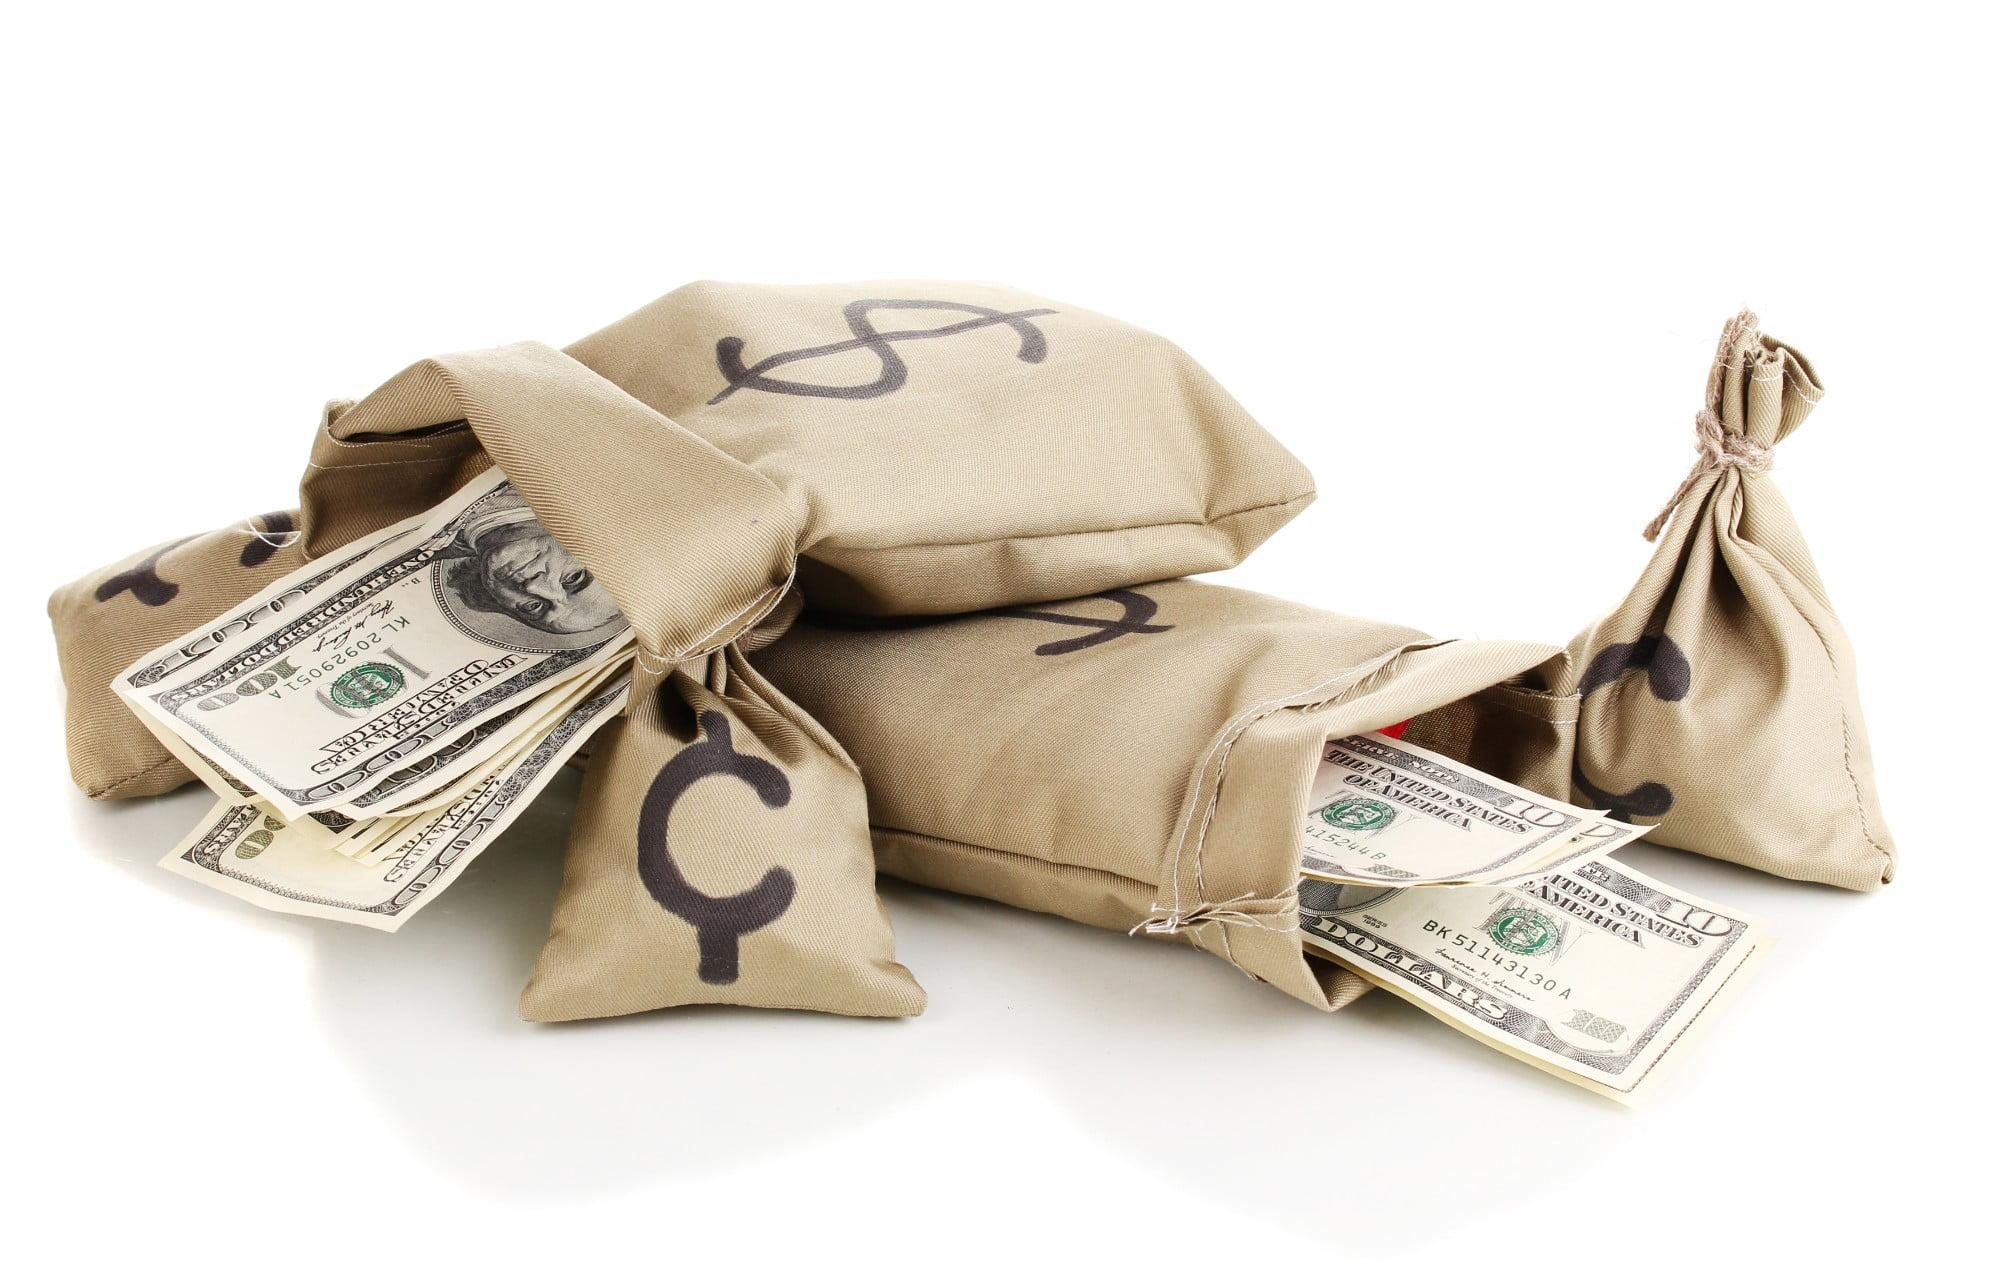 bạn cần chuẩn bị kỹ càng các khoản chi phí có thể phát sinh